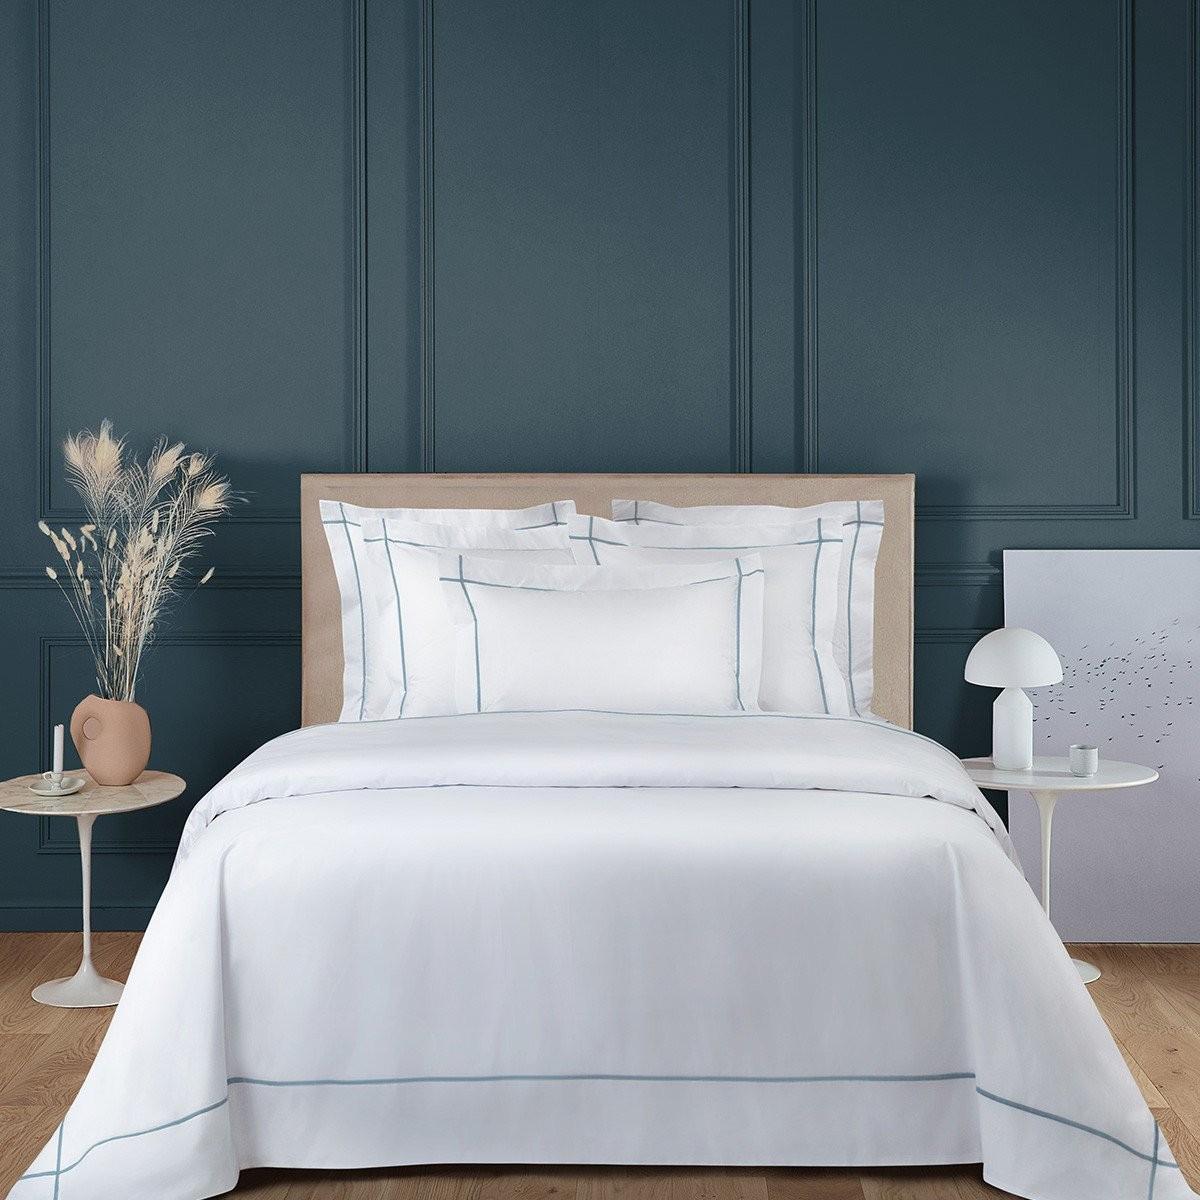 Yves Delorme Athena Horizon Bed Linen